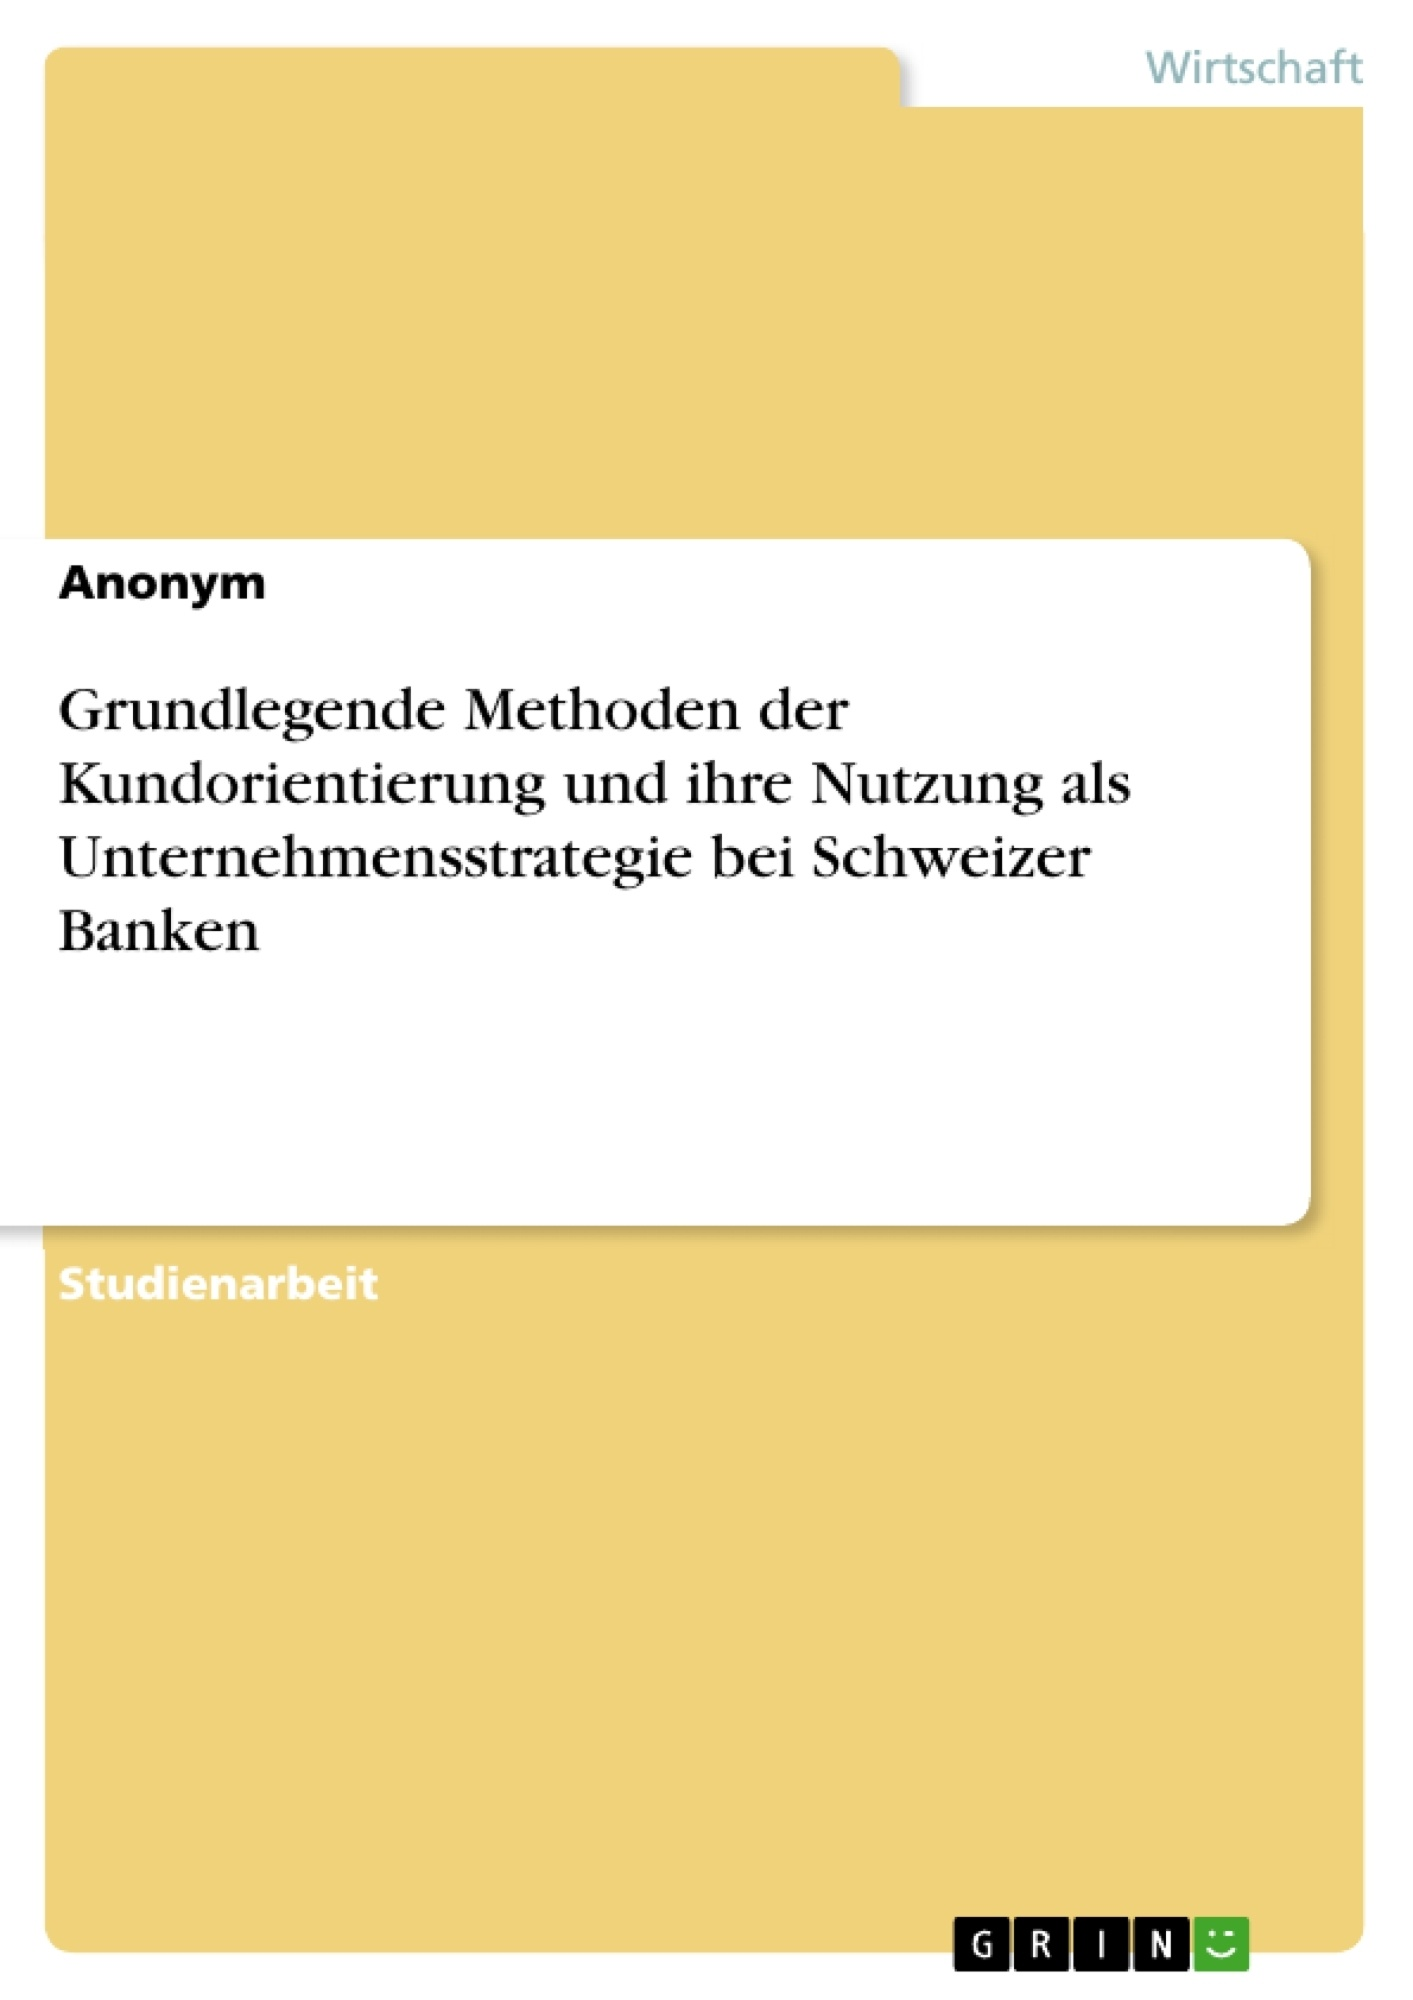 Titel: Grundlegende Methoden der Kundorientierung und ihre Nutzung als Unternehmensstrategie bei Schweizer Banken